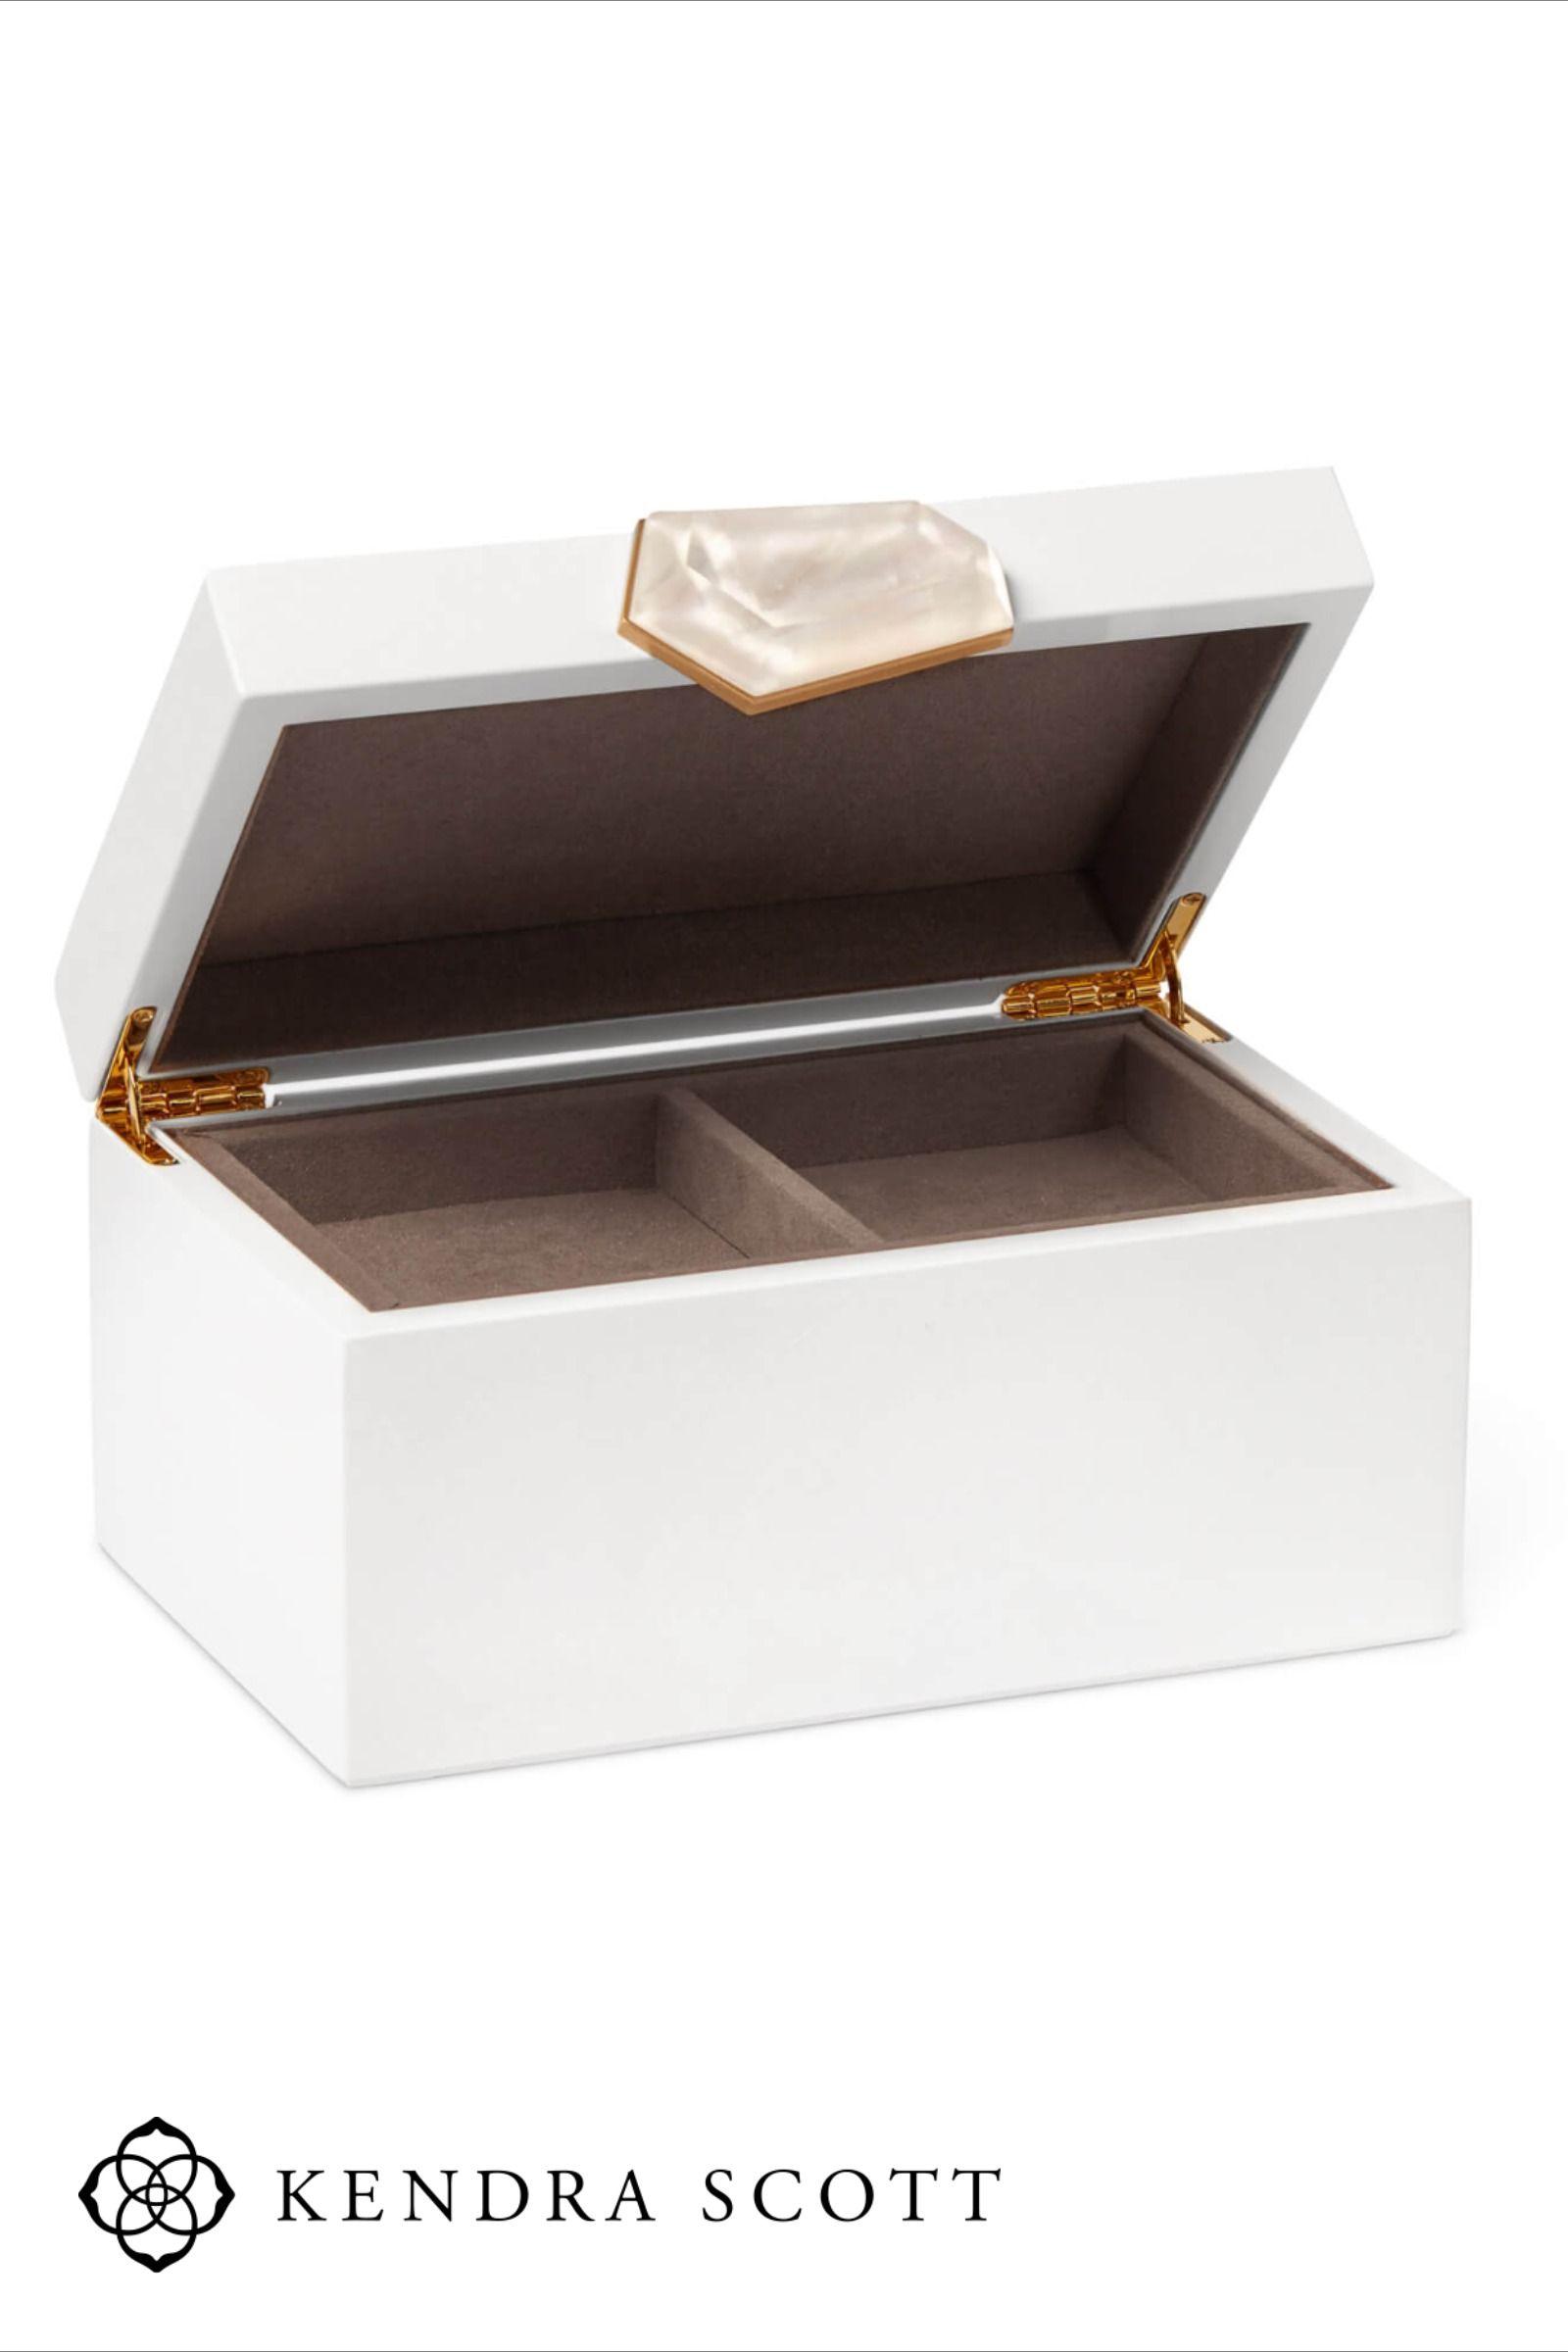 23++ Kendra scott small jewelry box viral